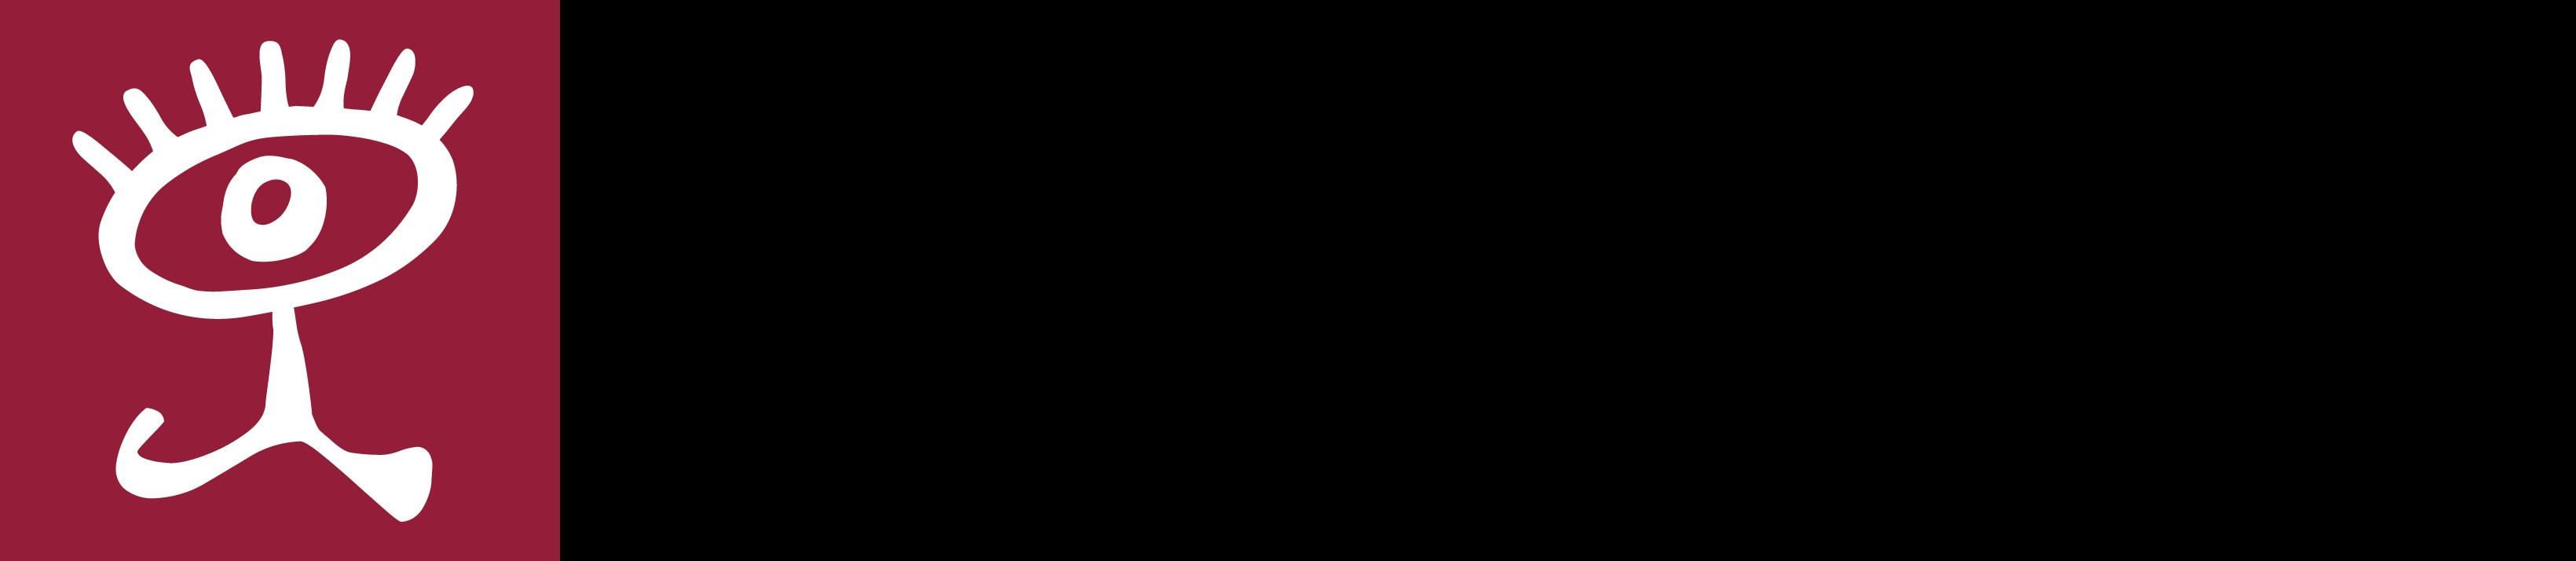 Fil per Randa